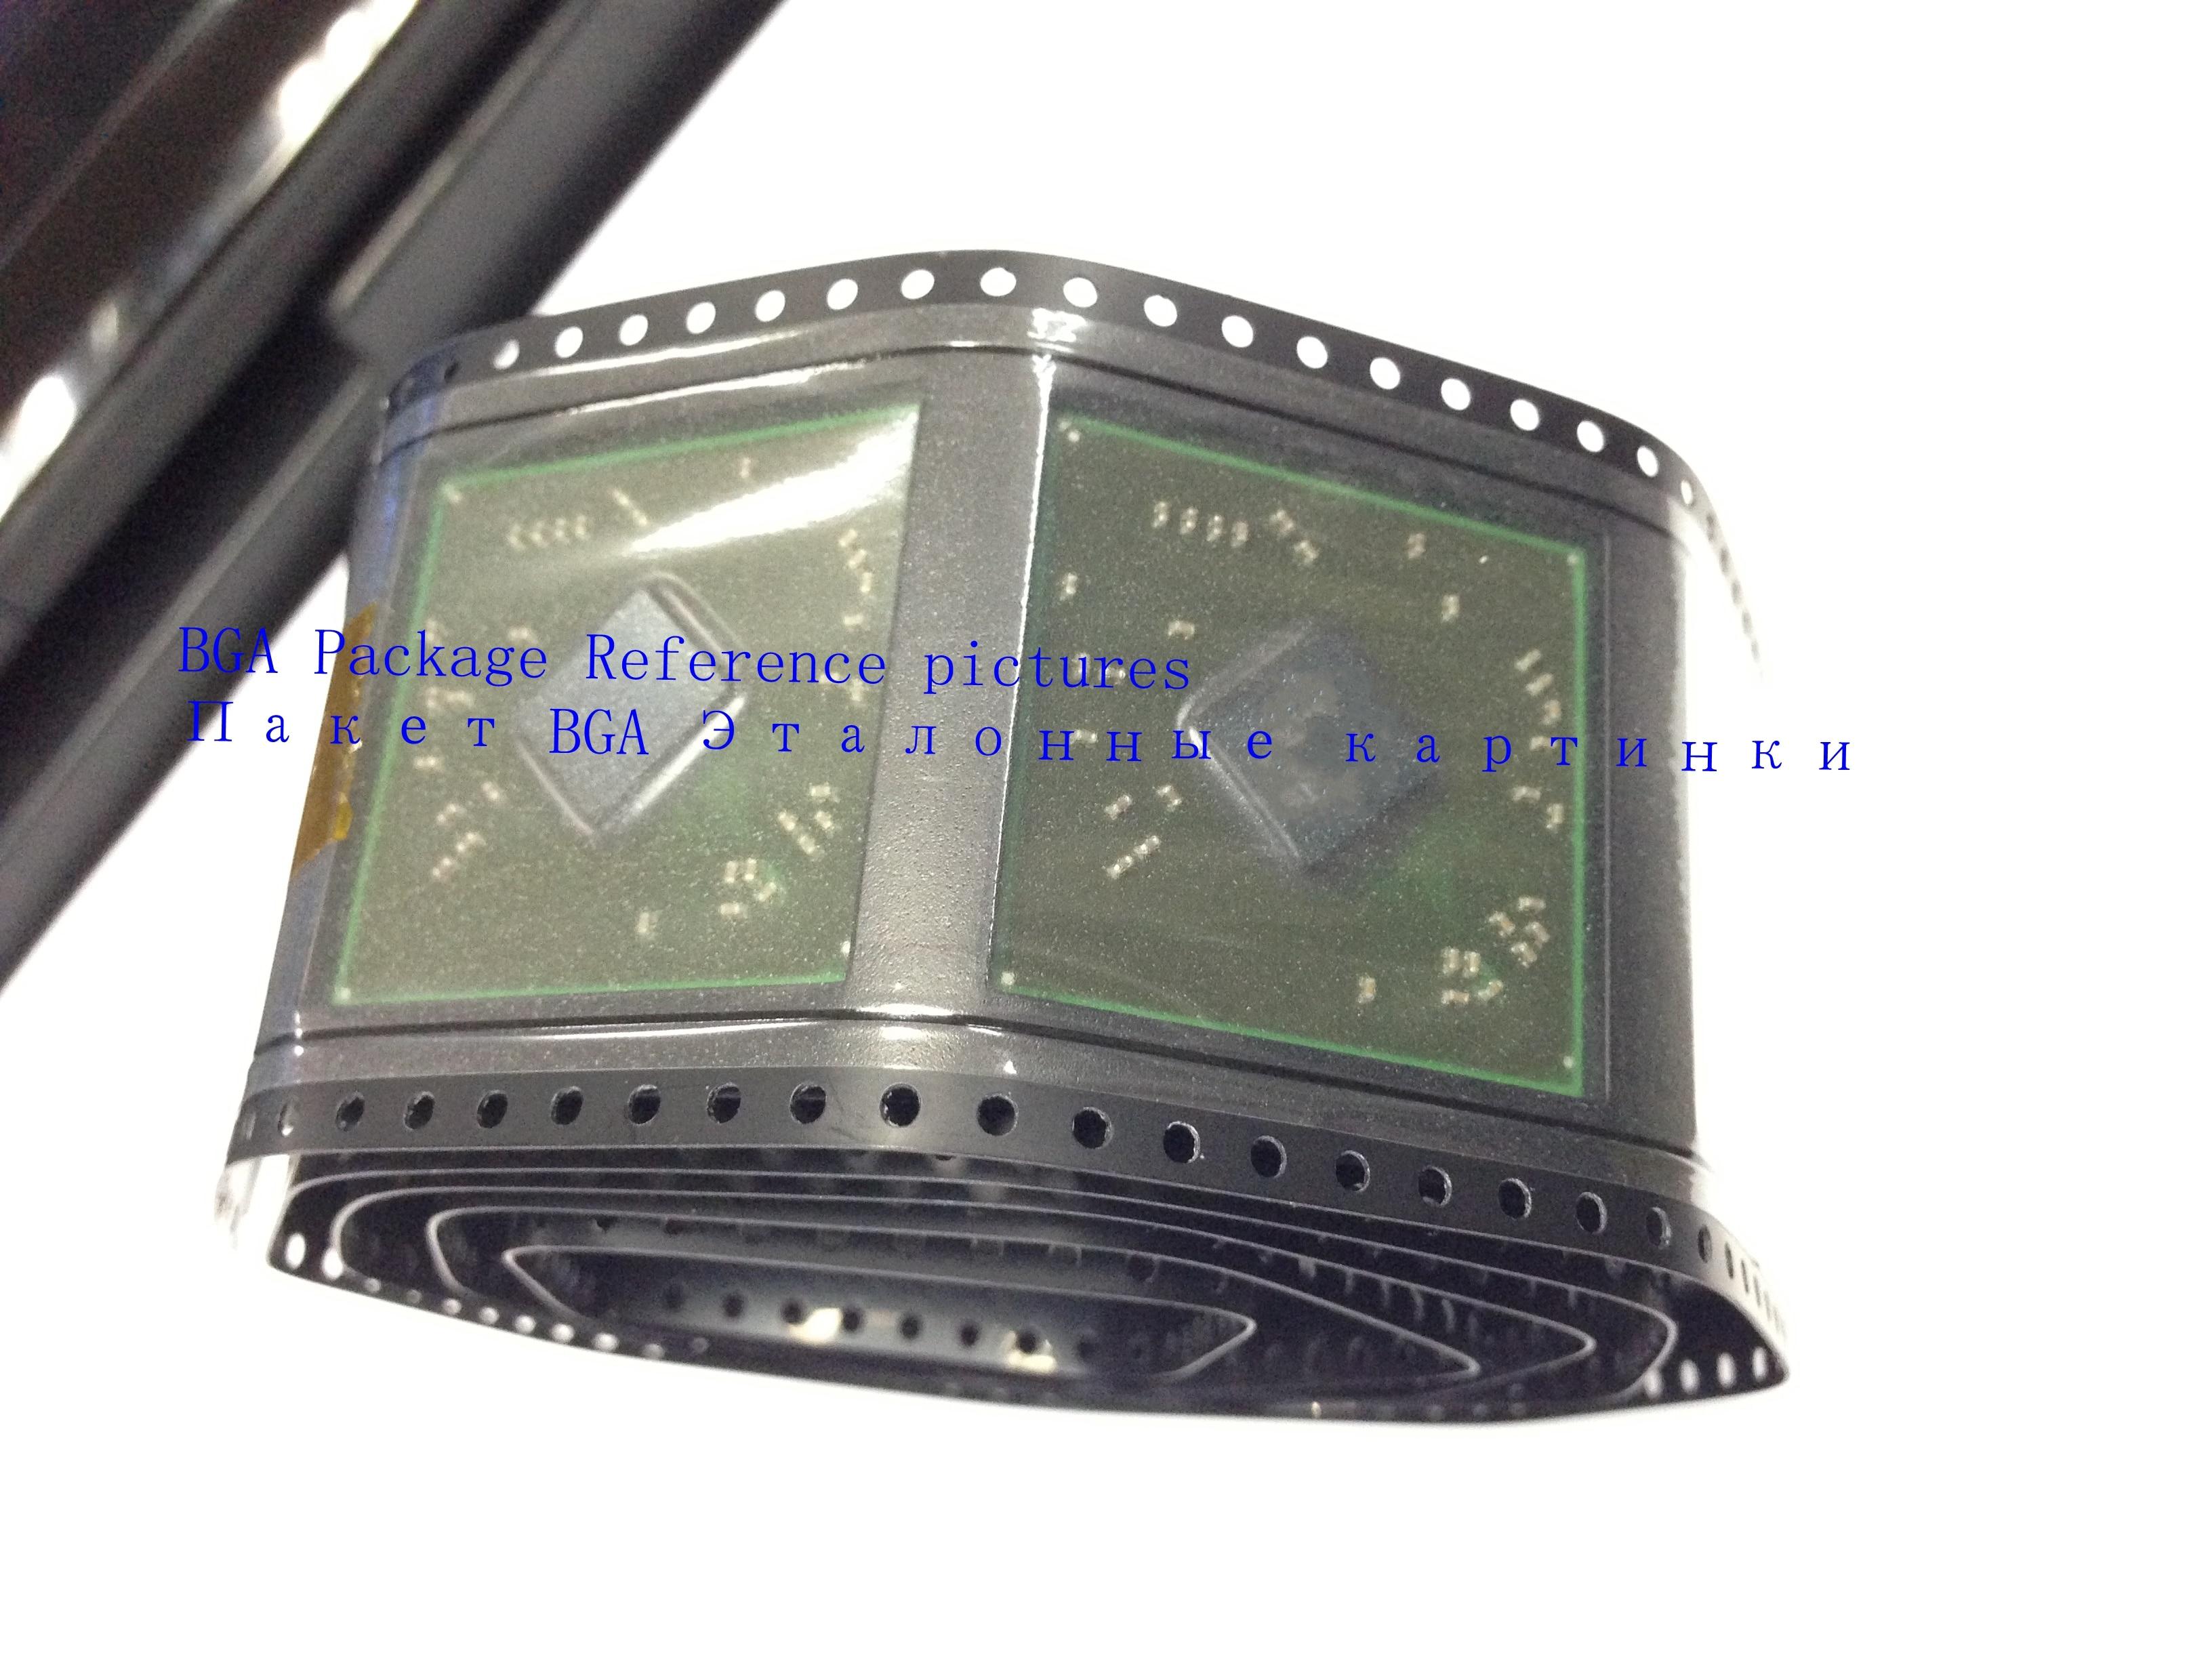 1pcs/lot 100% New EM7110ITJ44JB BGA Chipset1pcs/lot 100% New EM7110ITJ44JB BGA Chipset